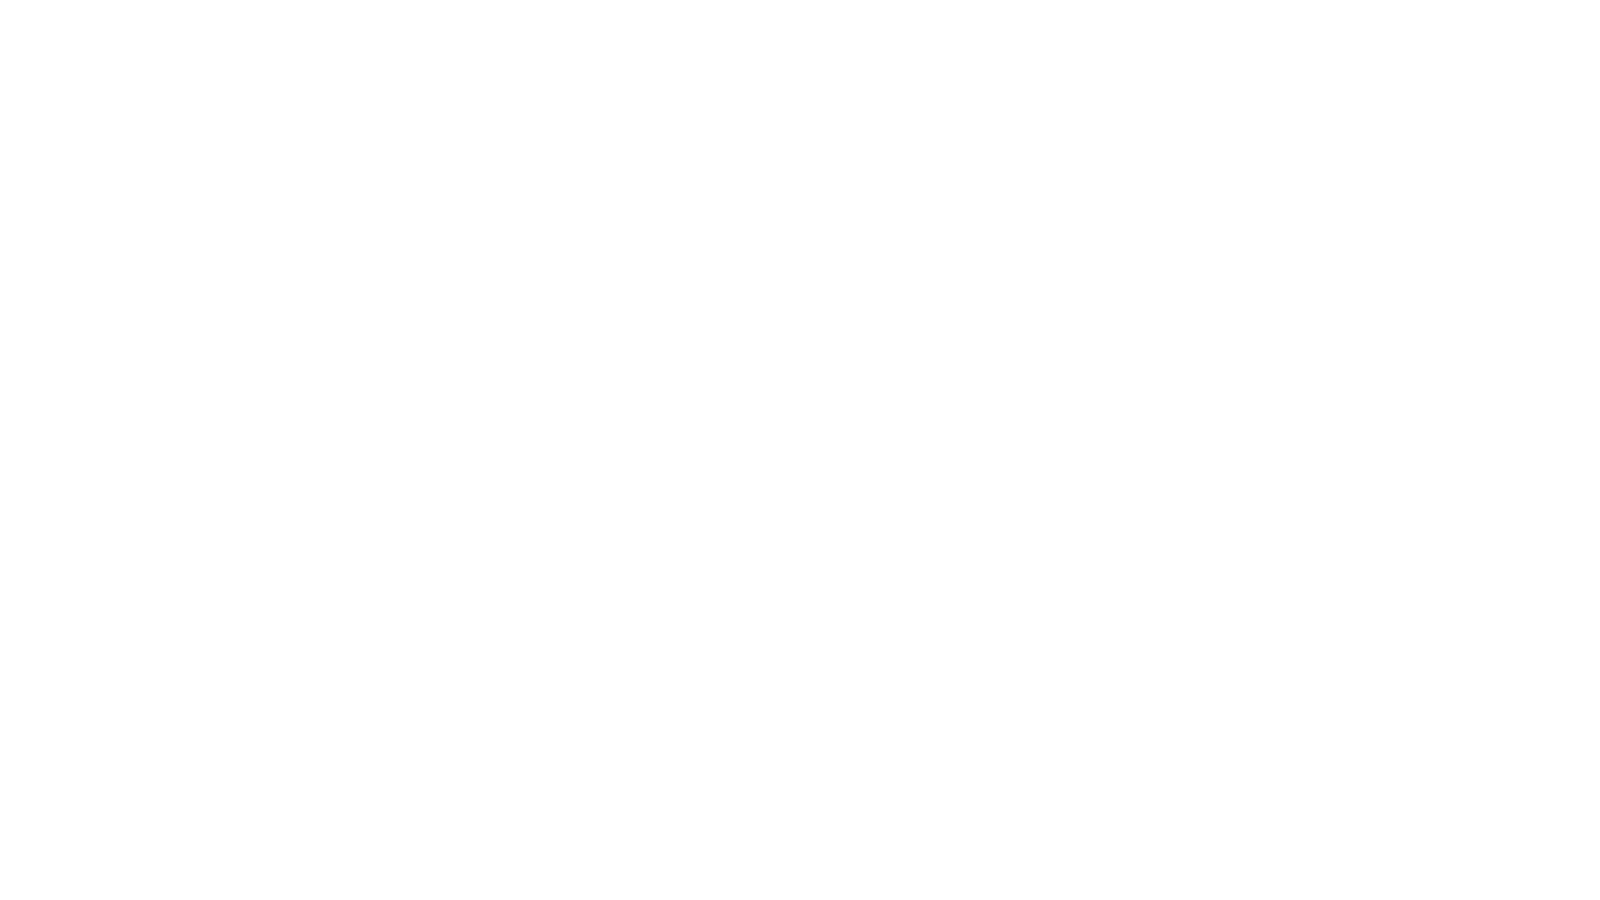 """WEBINAR JURUSAN SISTEM INFORMASI FAKULTAS ILMU KOMPUTER DENGAN TEMA """" PENTINGNYA AUDIT SISTEM INFORMASI DI ERA DIGITAL"""""""